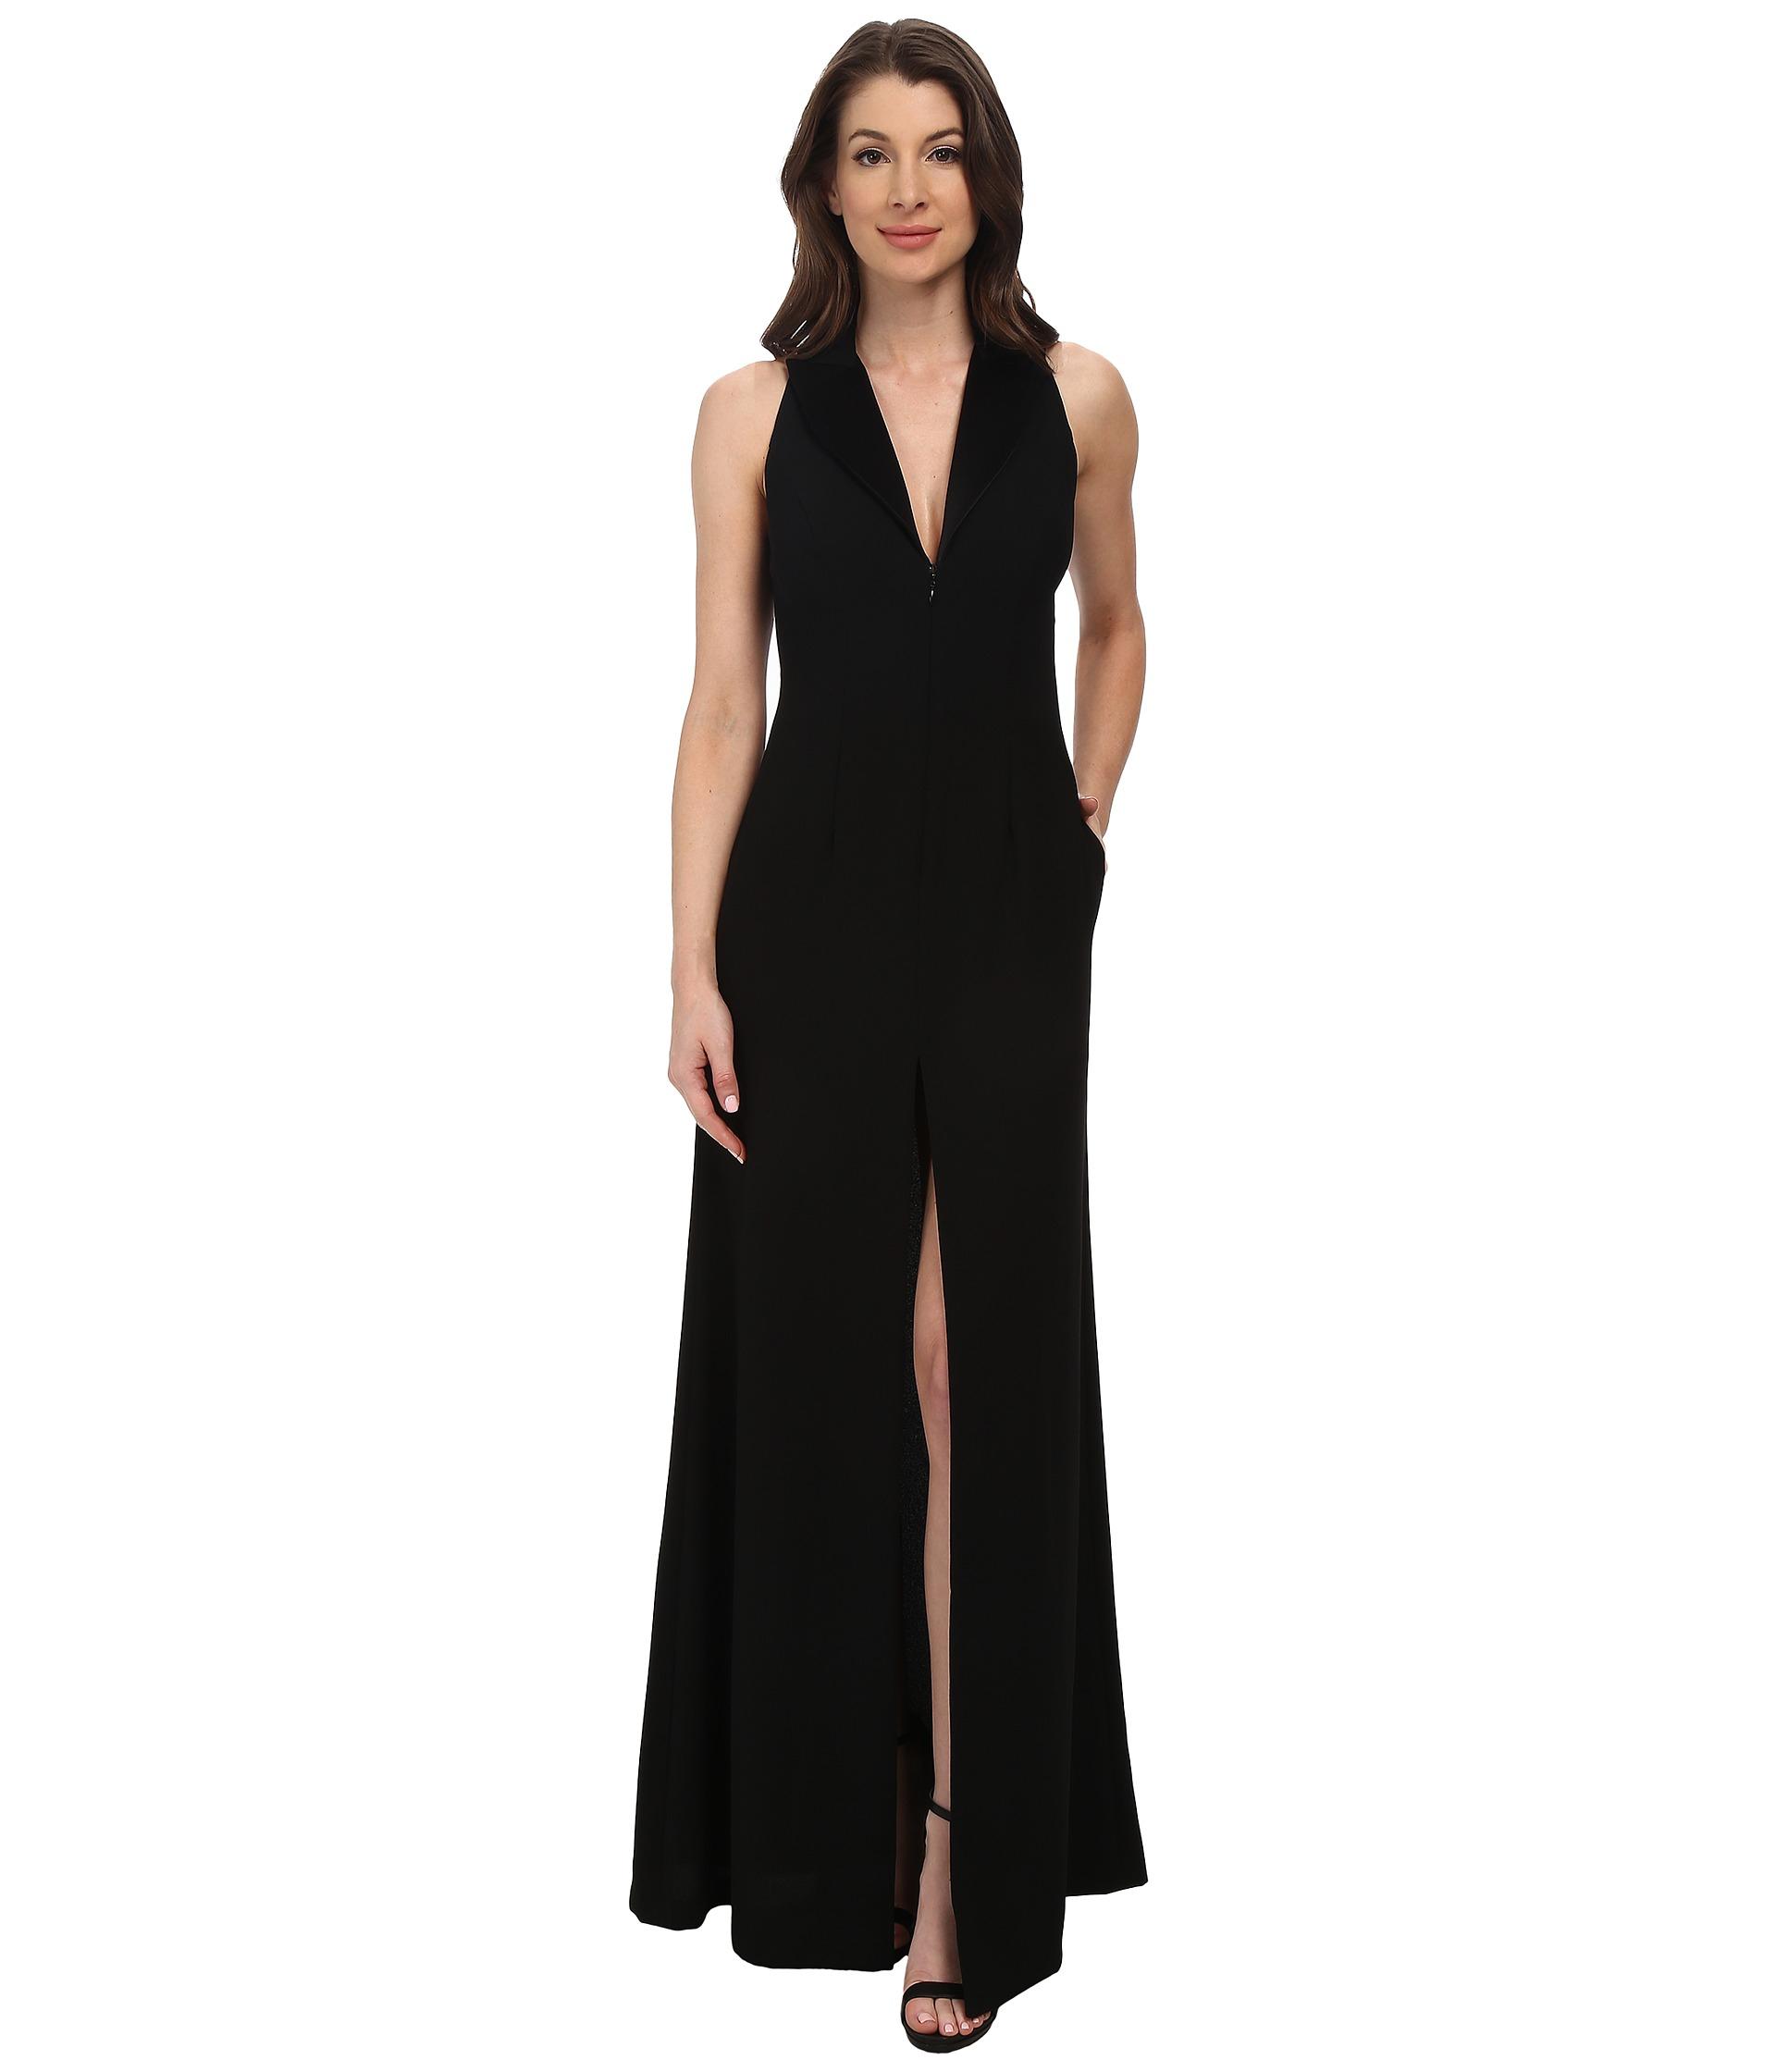 Lyst - Jill Jill Stuart Tuxedo Gown W/ Shorts in Black